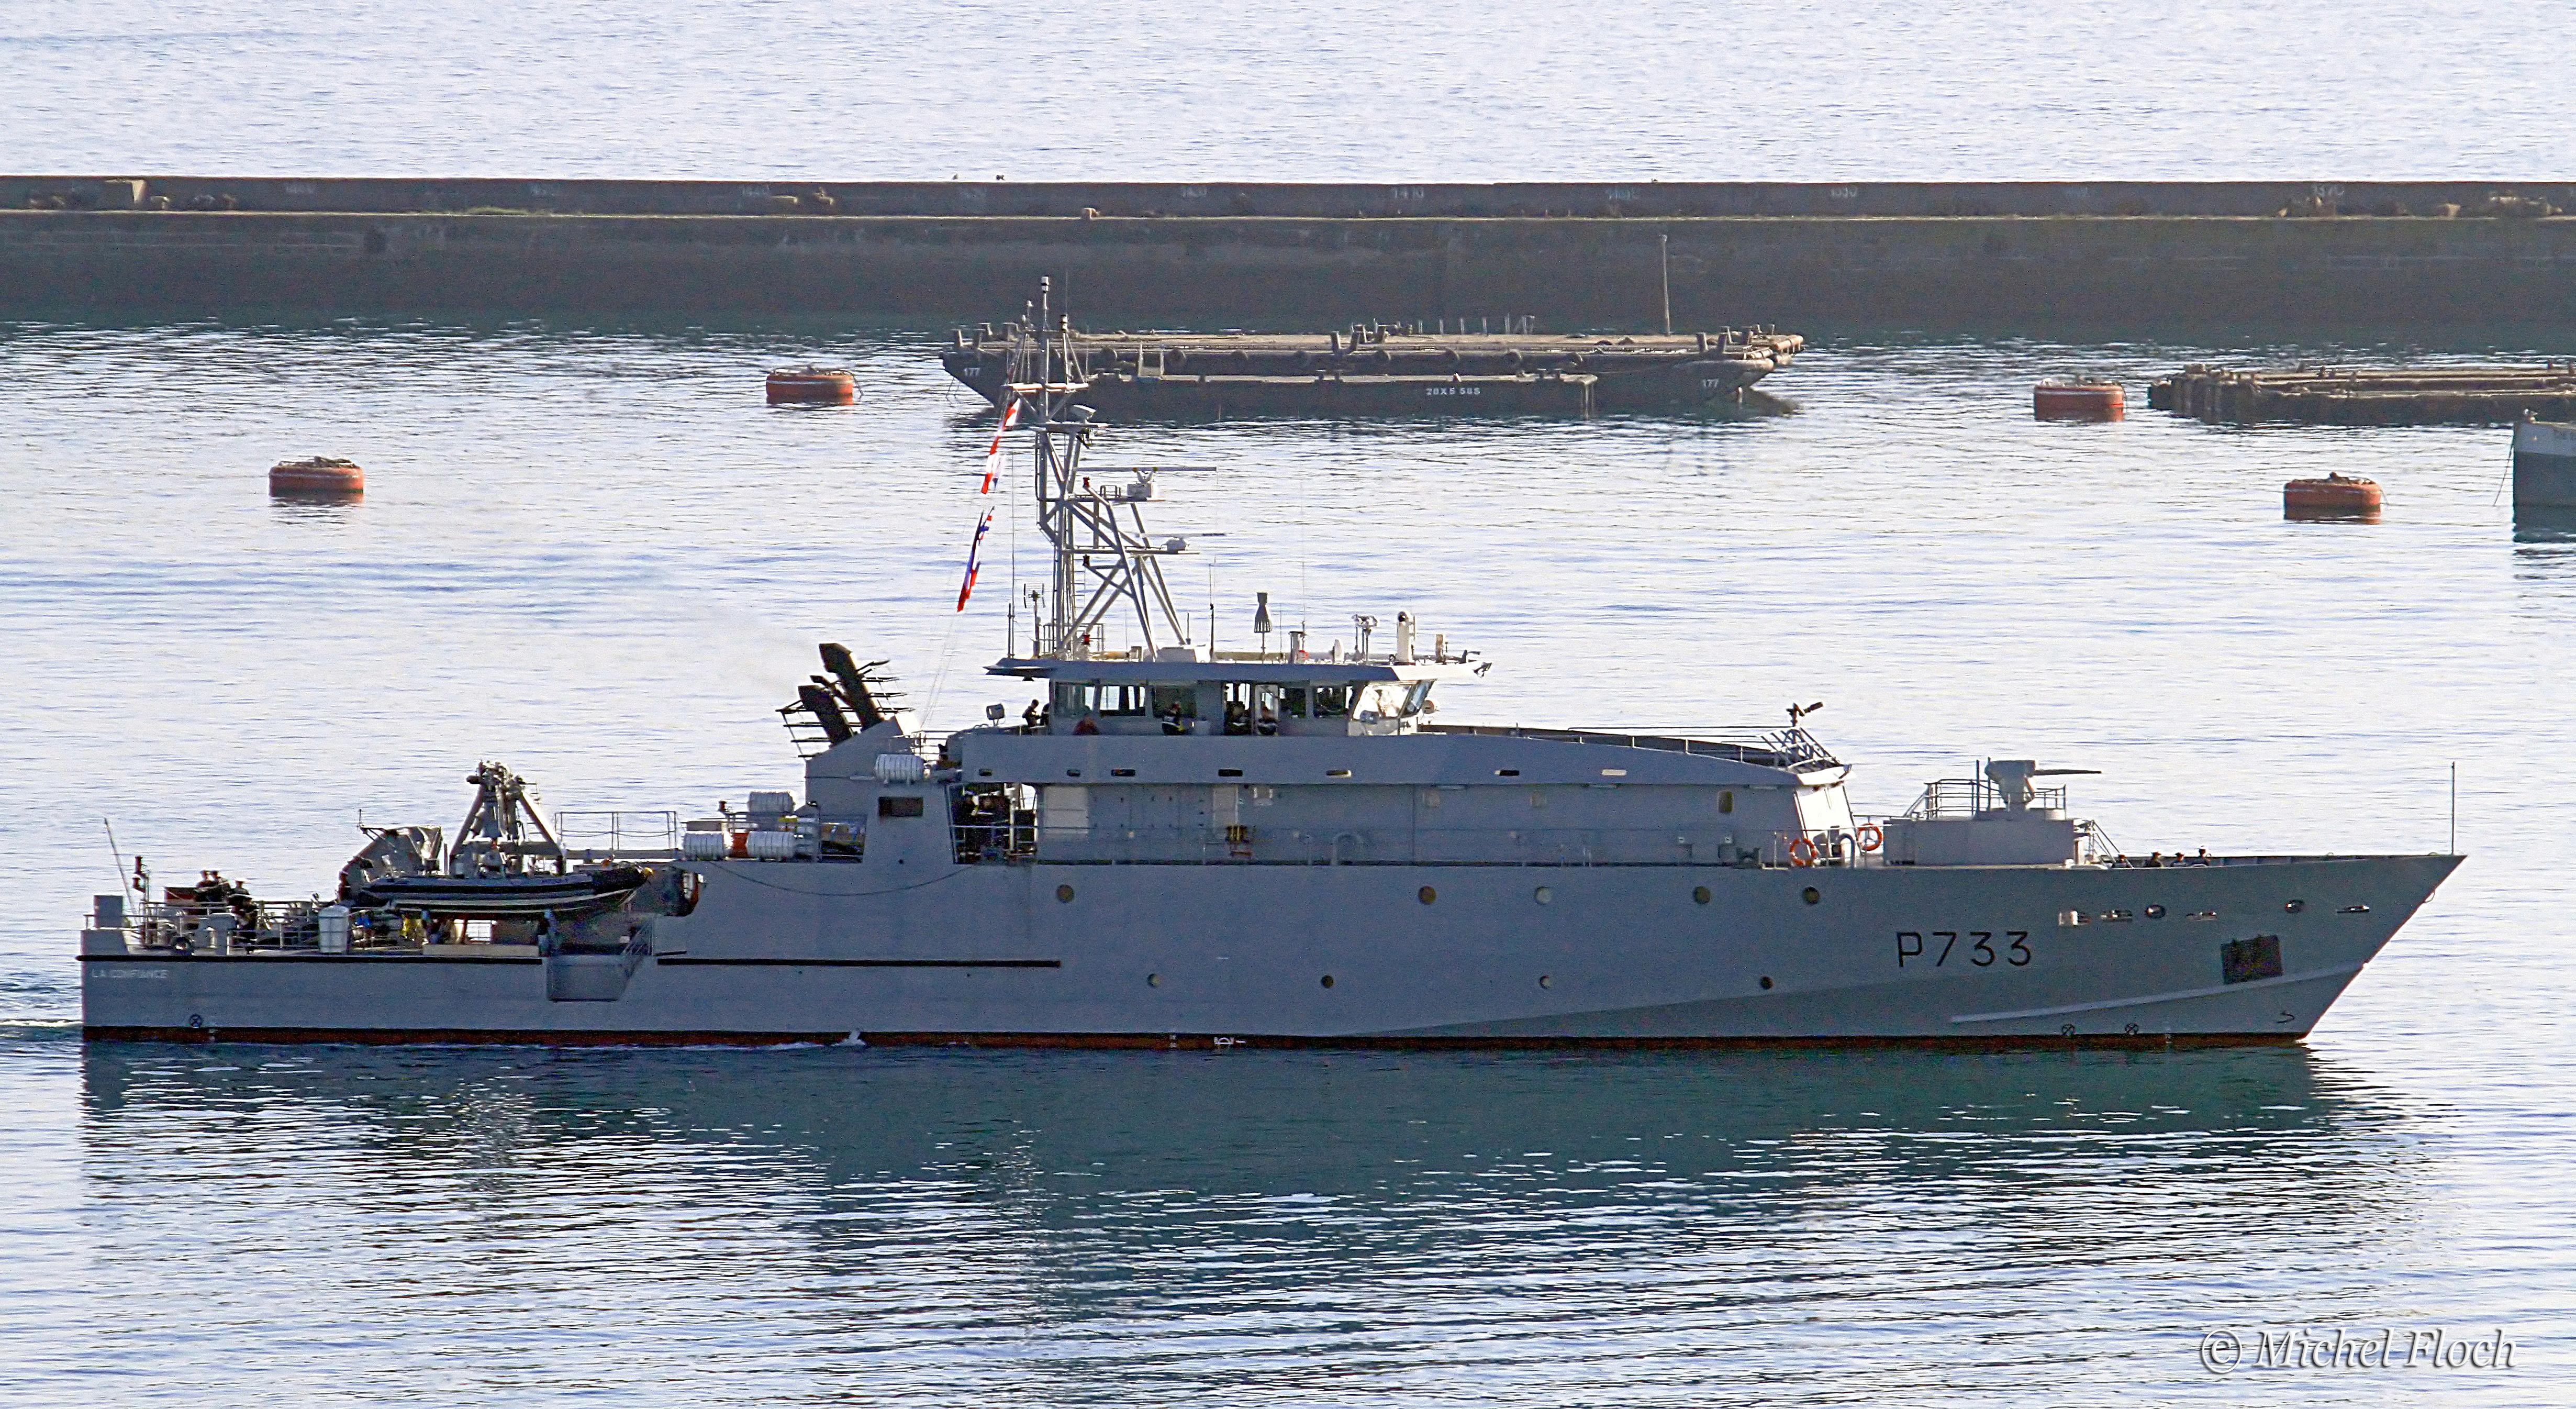 Les patrouilleurs de la Marine Nationale - Page 3 30078795663_7aba9c55a5_o